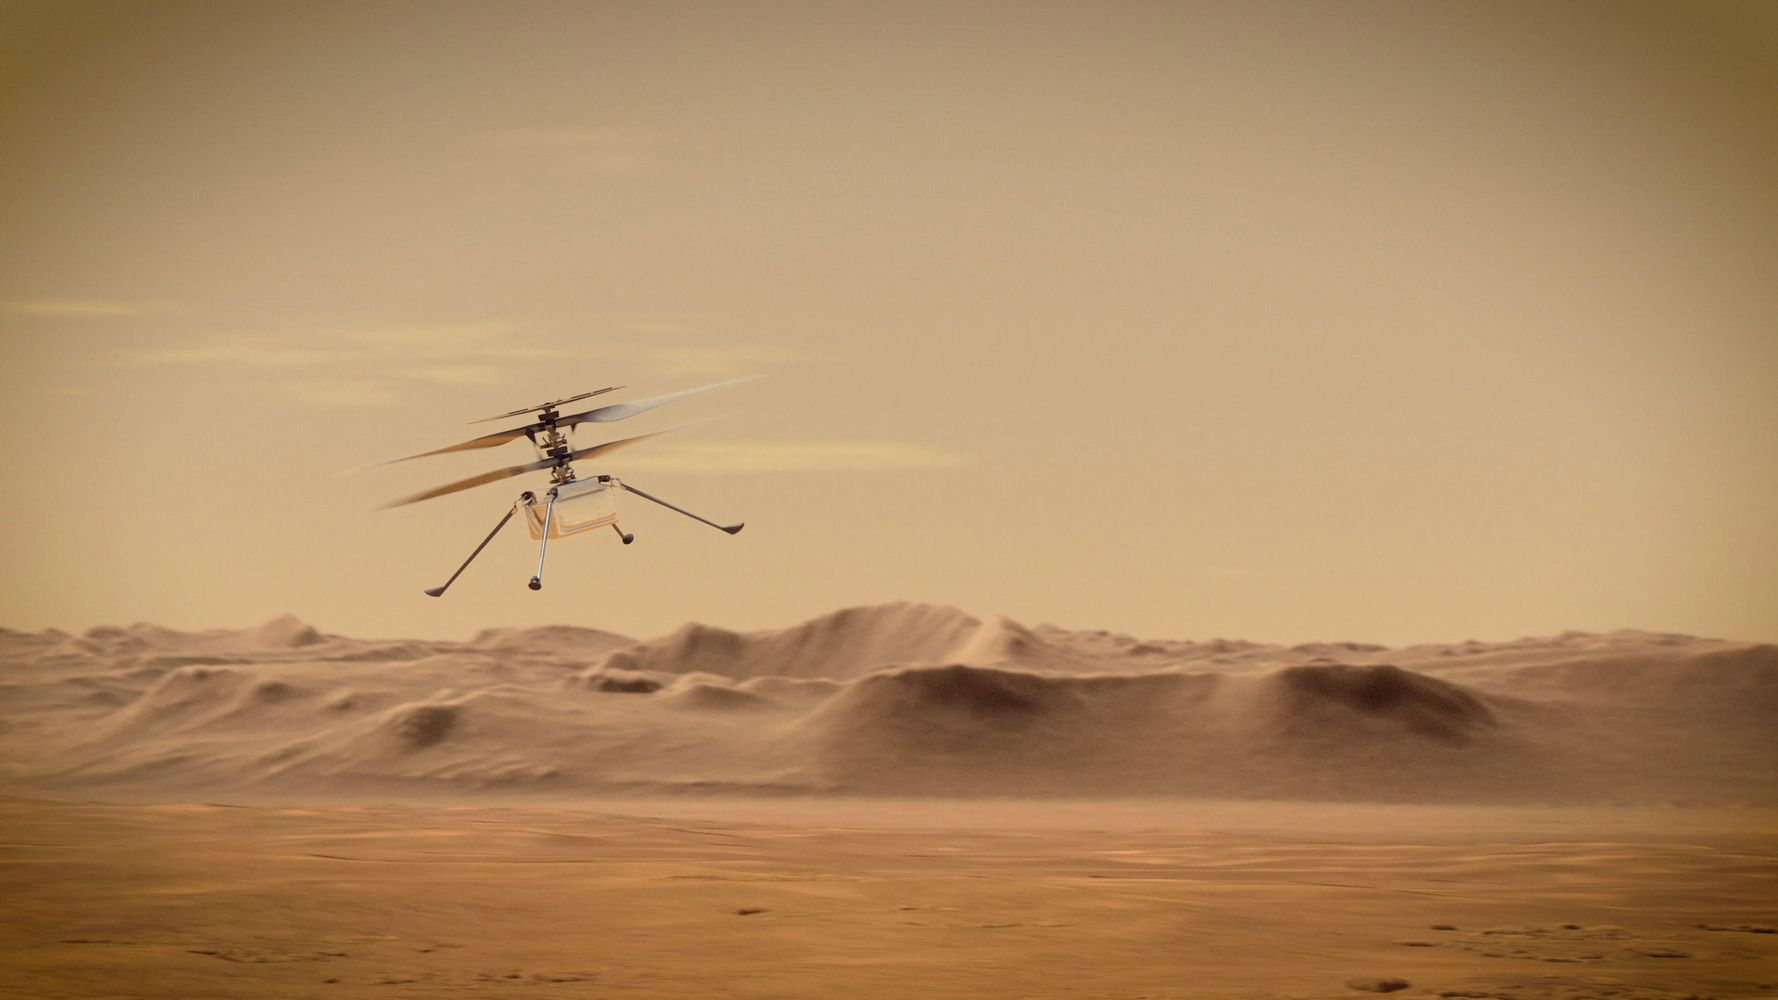 La Nasa veut faire voler un hélicoptère sur Mars, une première